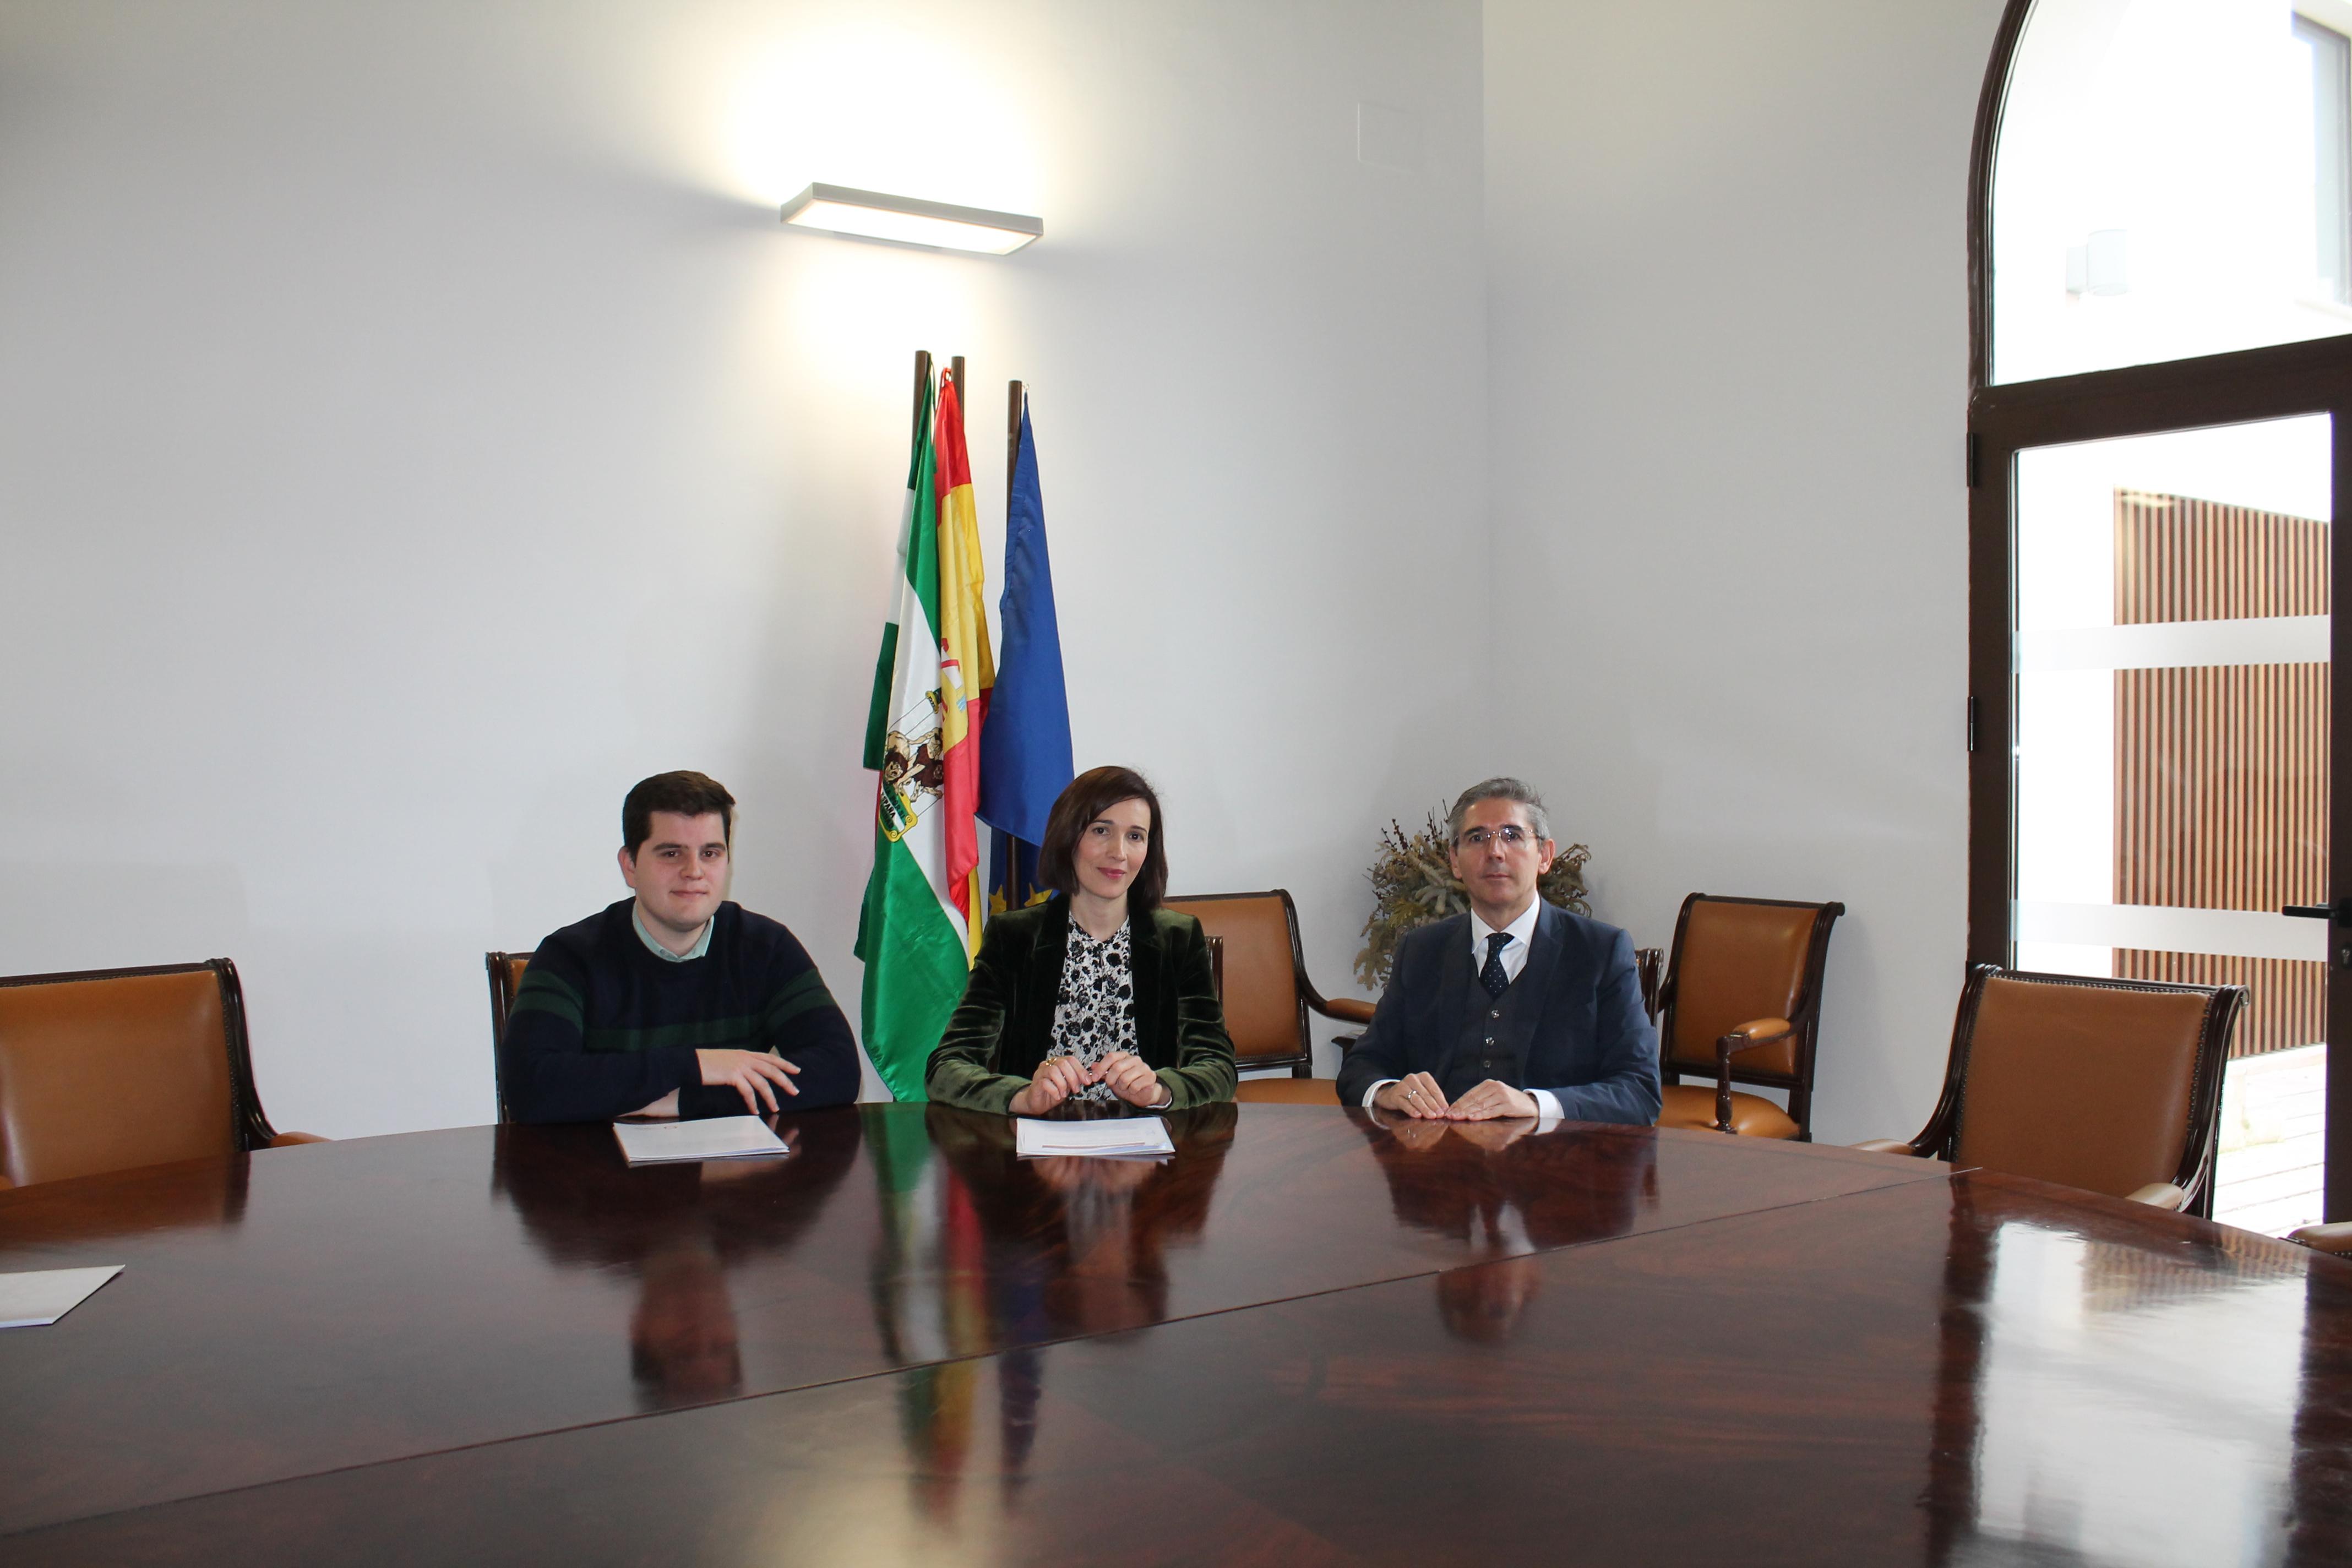 El Palacio de Congresos de Córdoba y Rabanales21 firman un acuerdo de colaboración